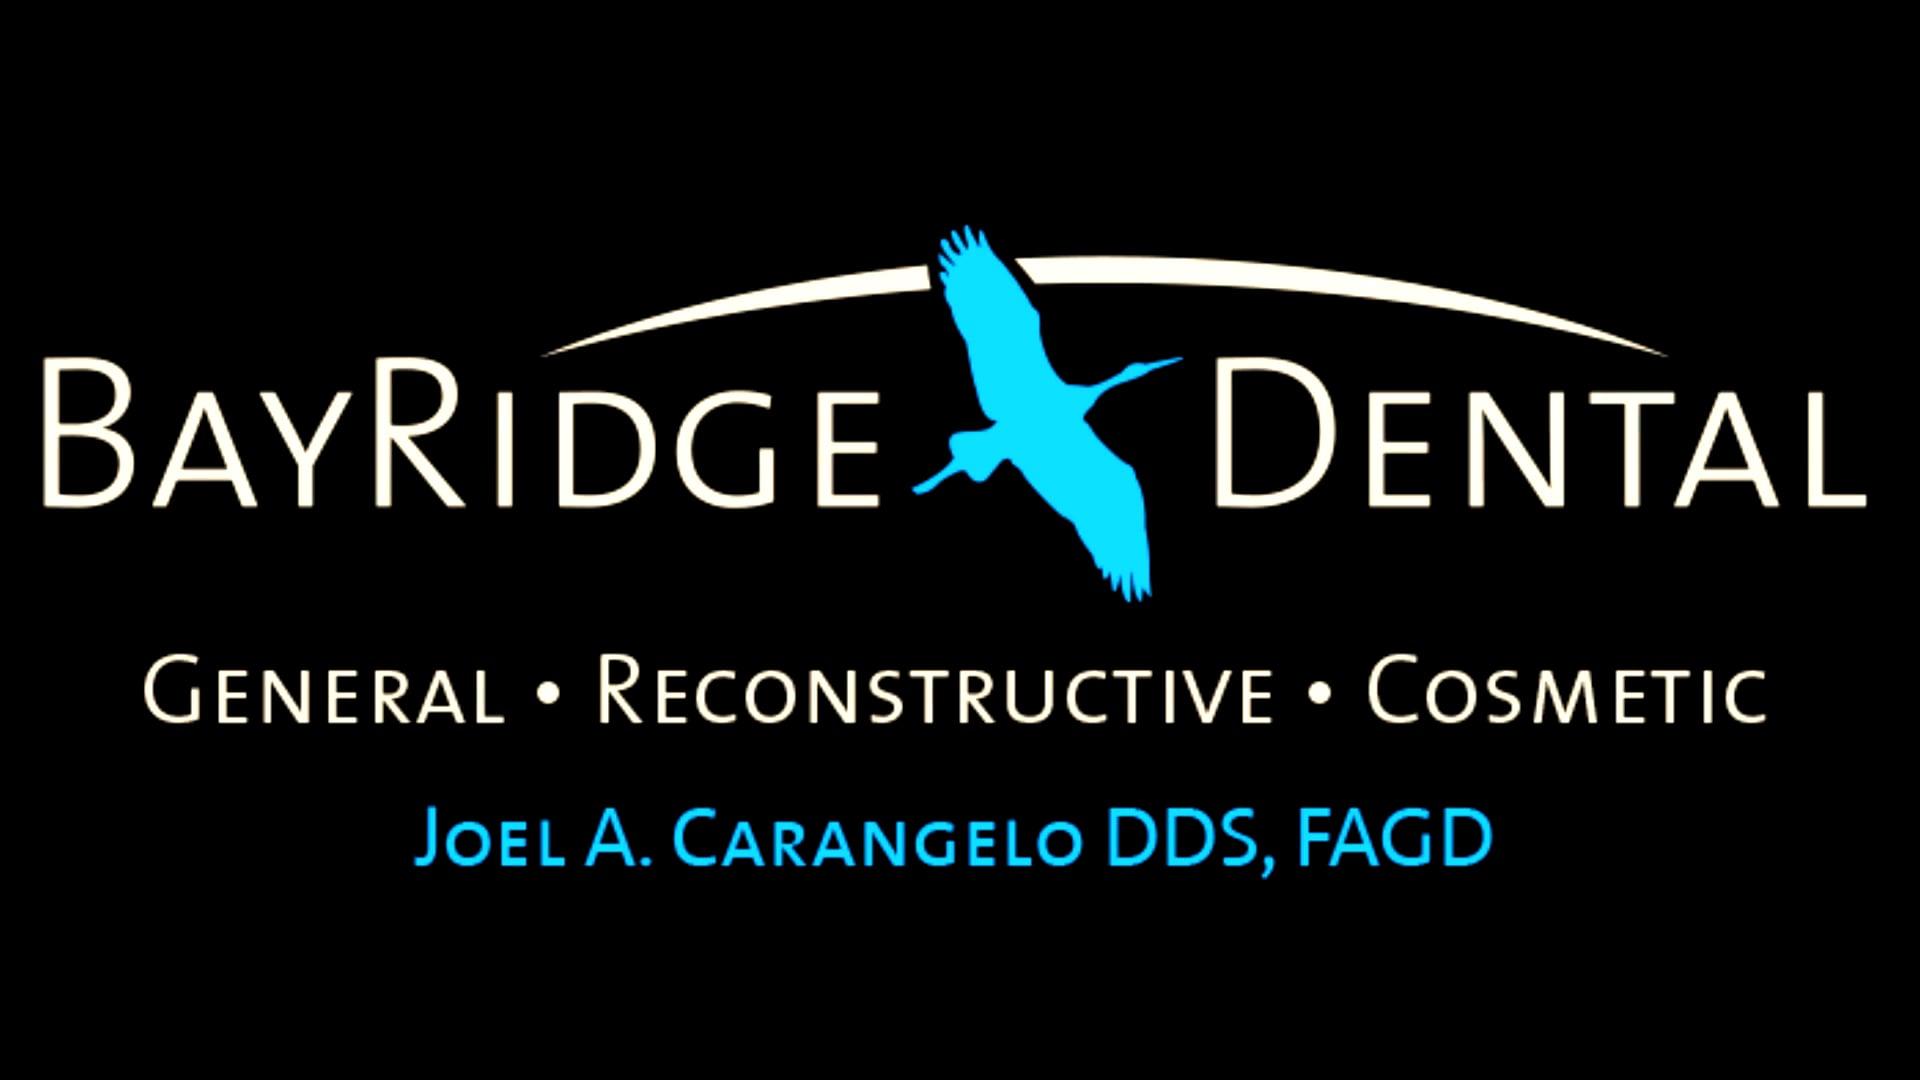 BayRidge Dental Promo